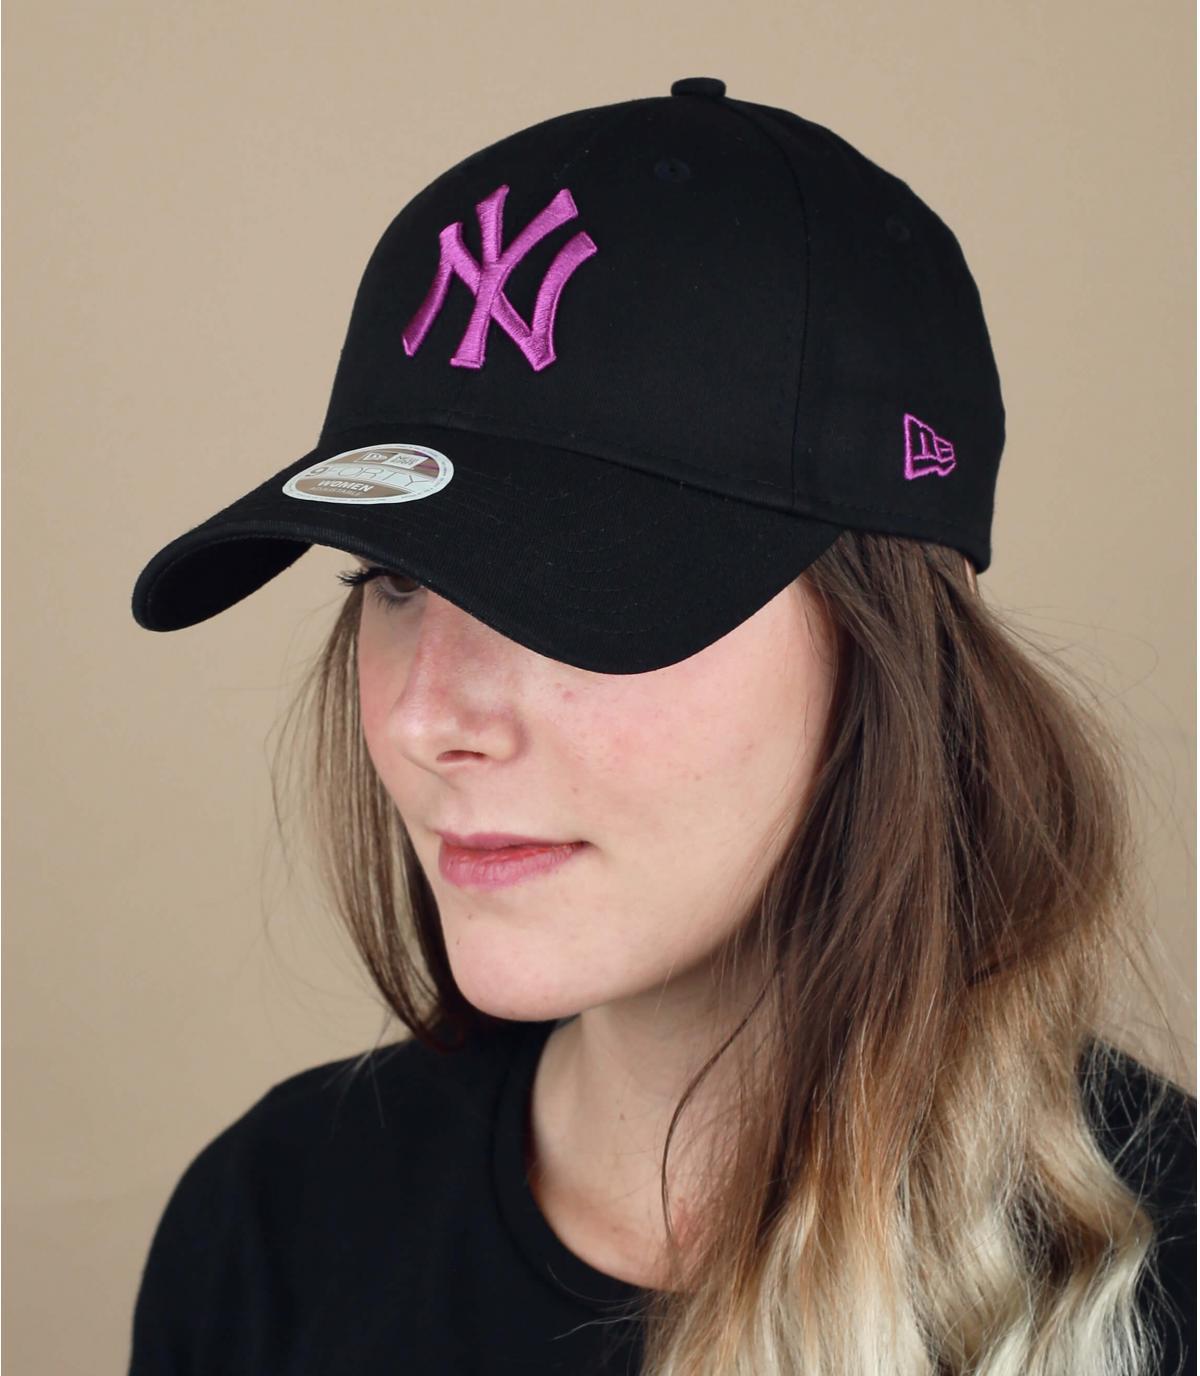 NY cap vrouw zwart